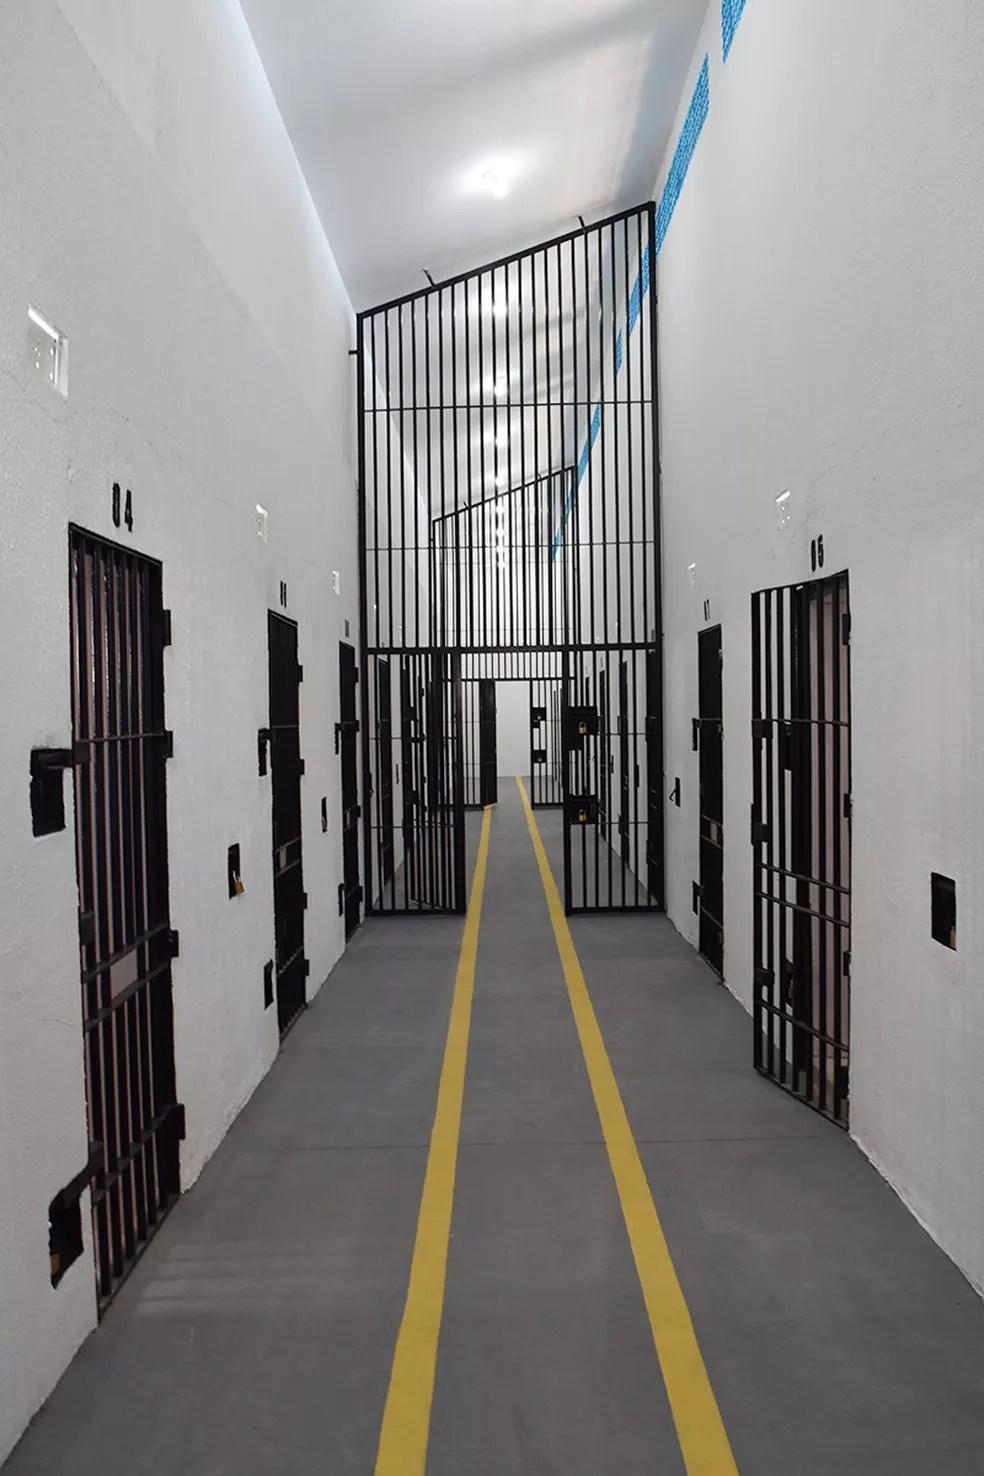 Penitenciária passa por obras de recuperação após rebelião que deixou a unidade destruída  (Foto: Bethise Cabral)